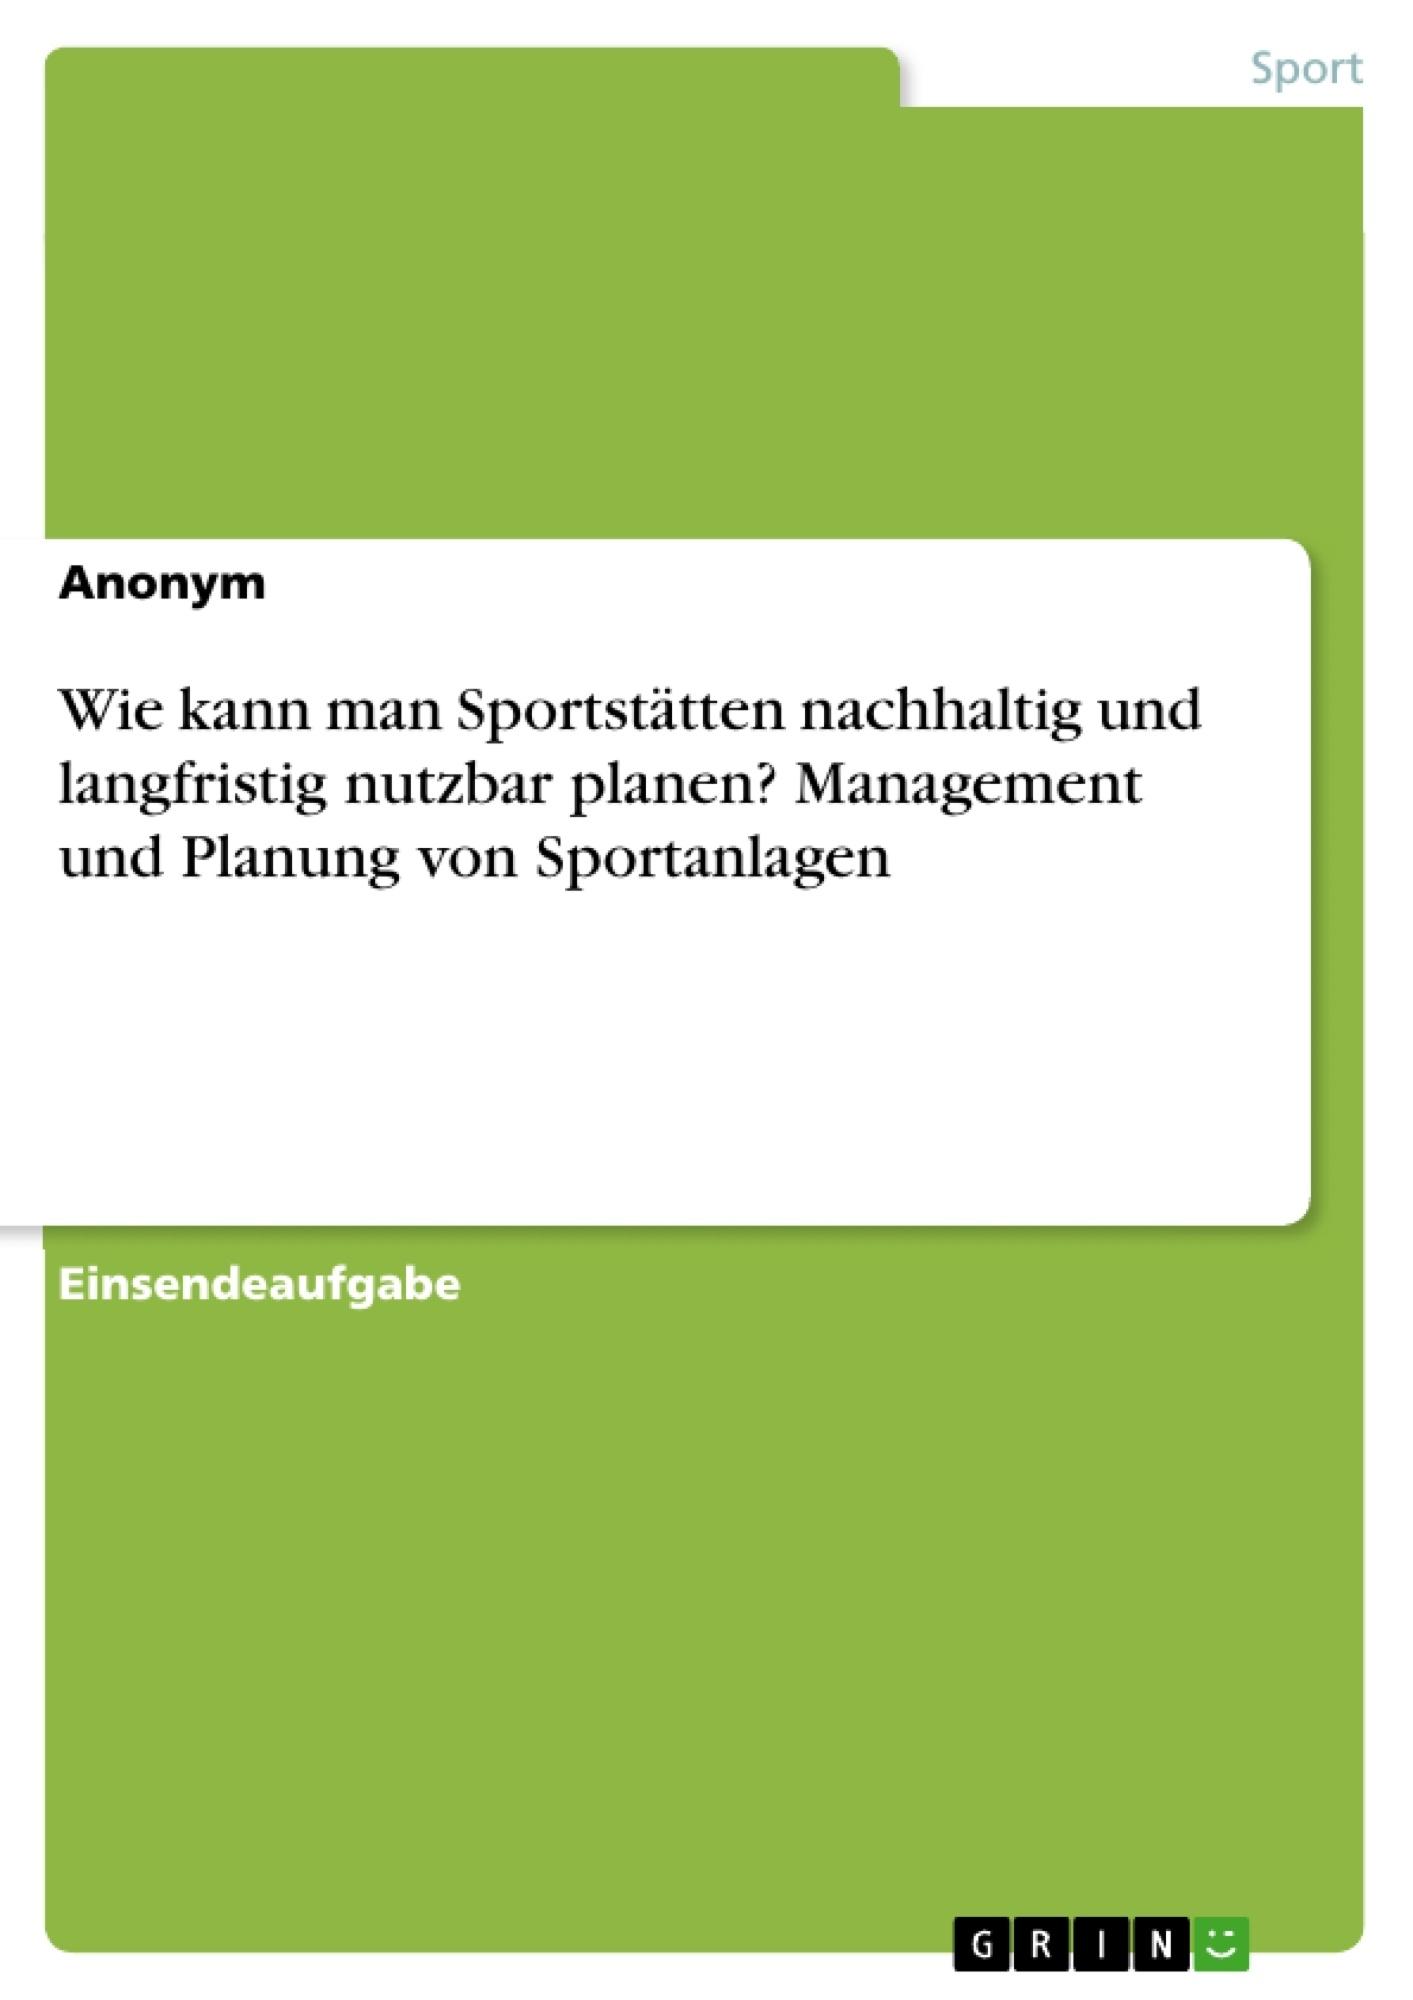 Titel: Wie kann man Sportstätten nachhaltig und langfristig nutzbar planen? Management und Planung von Sportanlagen